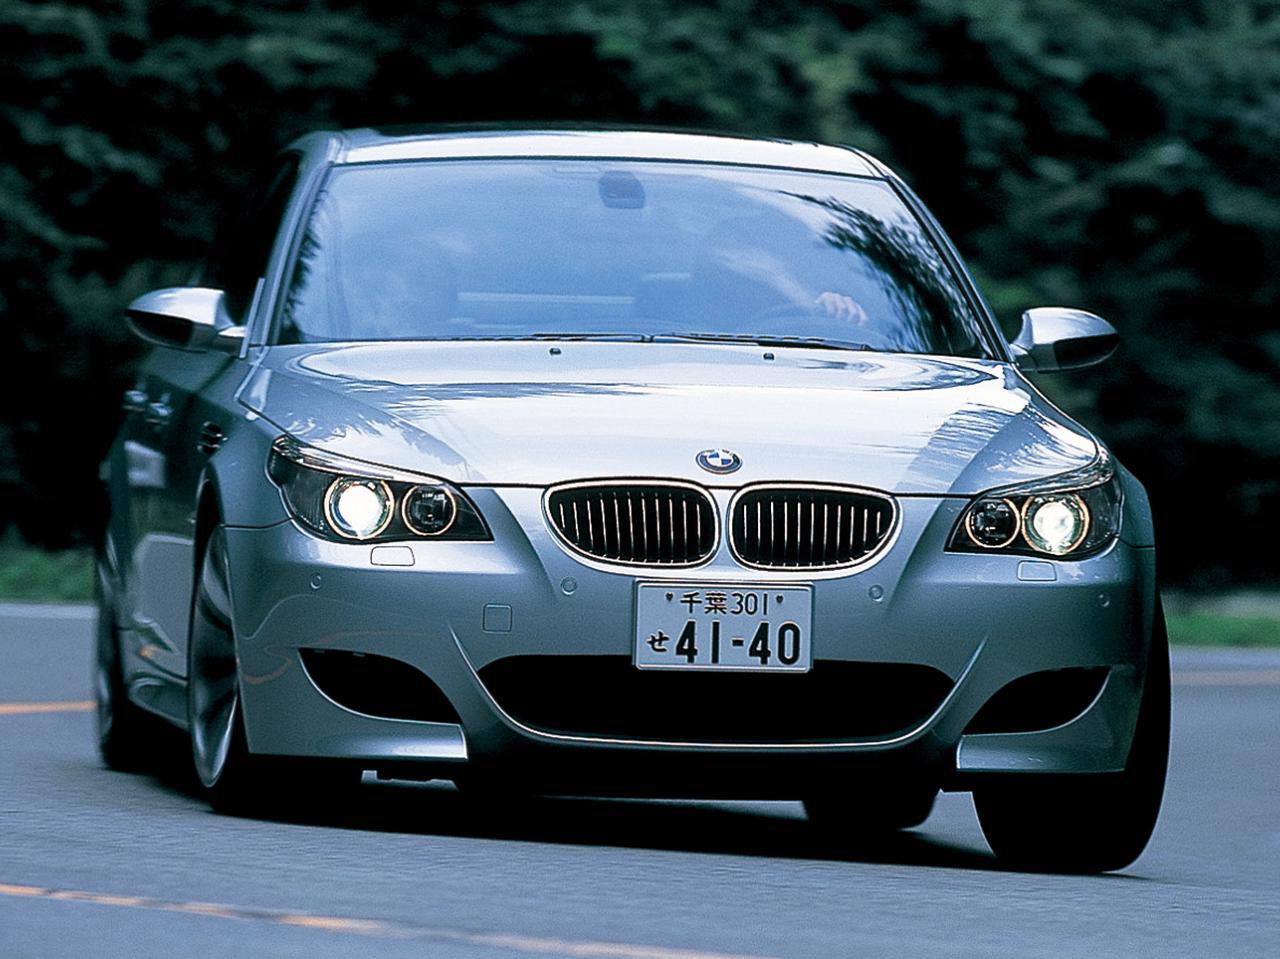 【ヒットの法則90】E60型BMW M5のスポーツ度をメルセデスE55 AMG、ポルシェ911カレラSと比較